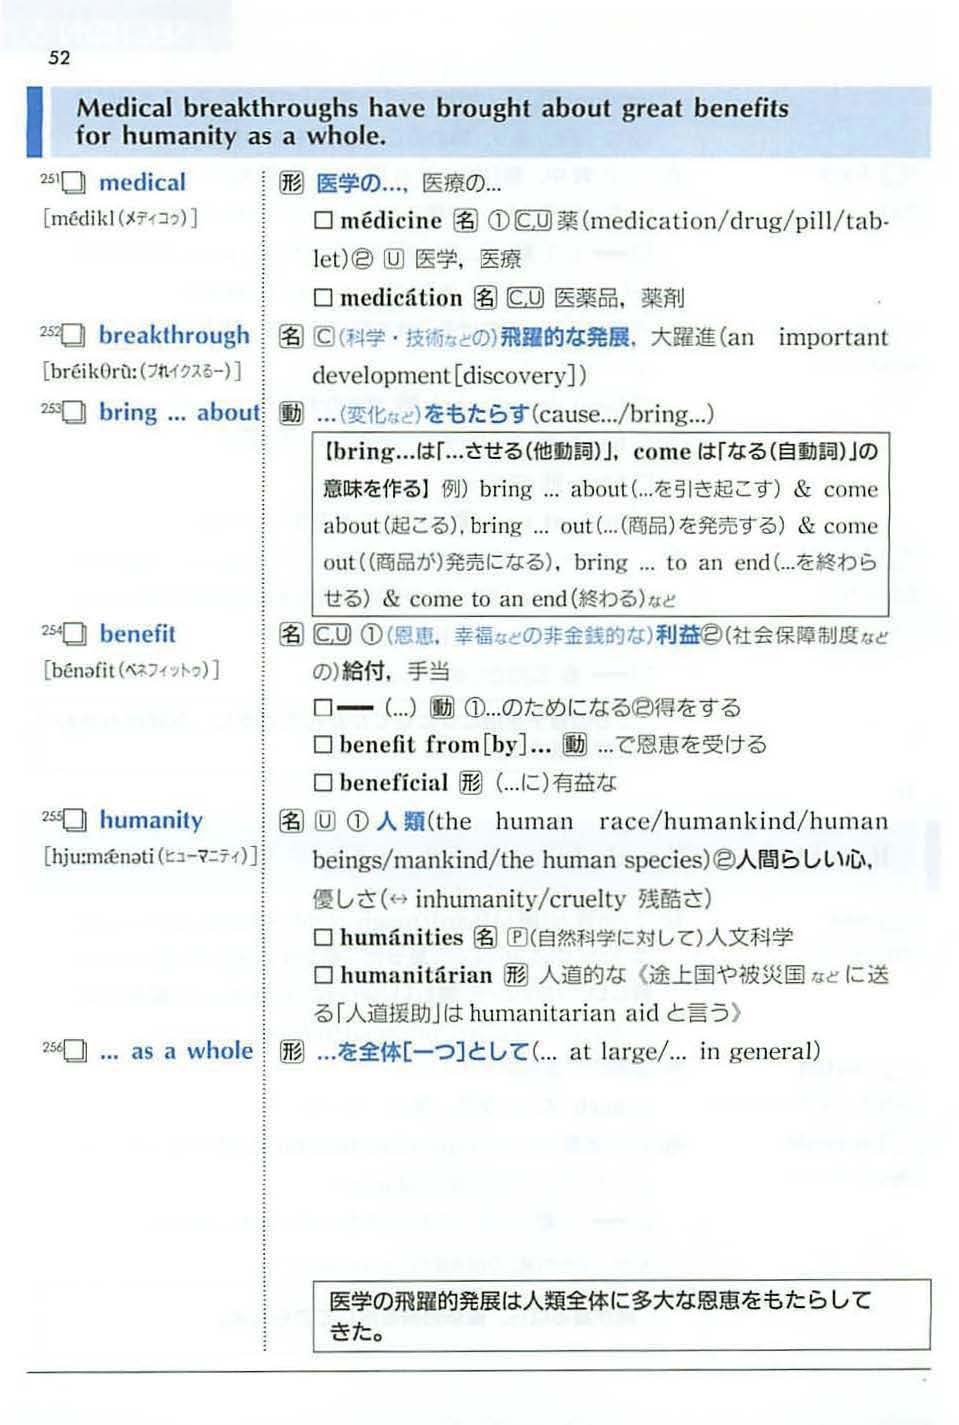 英単語帳のスクリーンショット